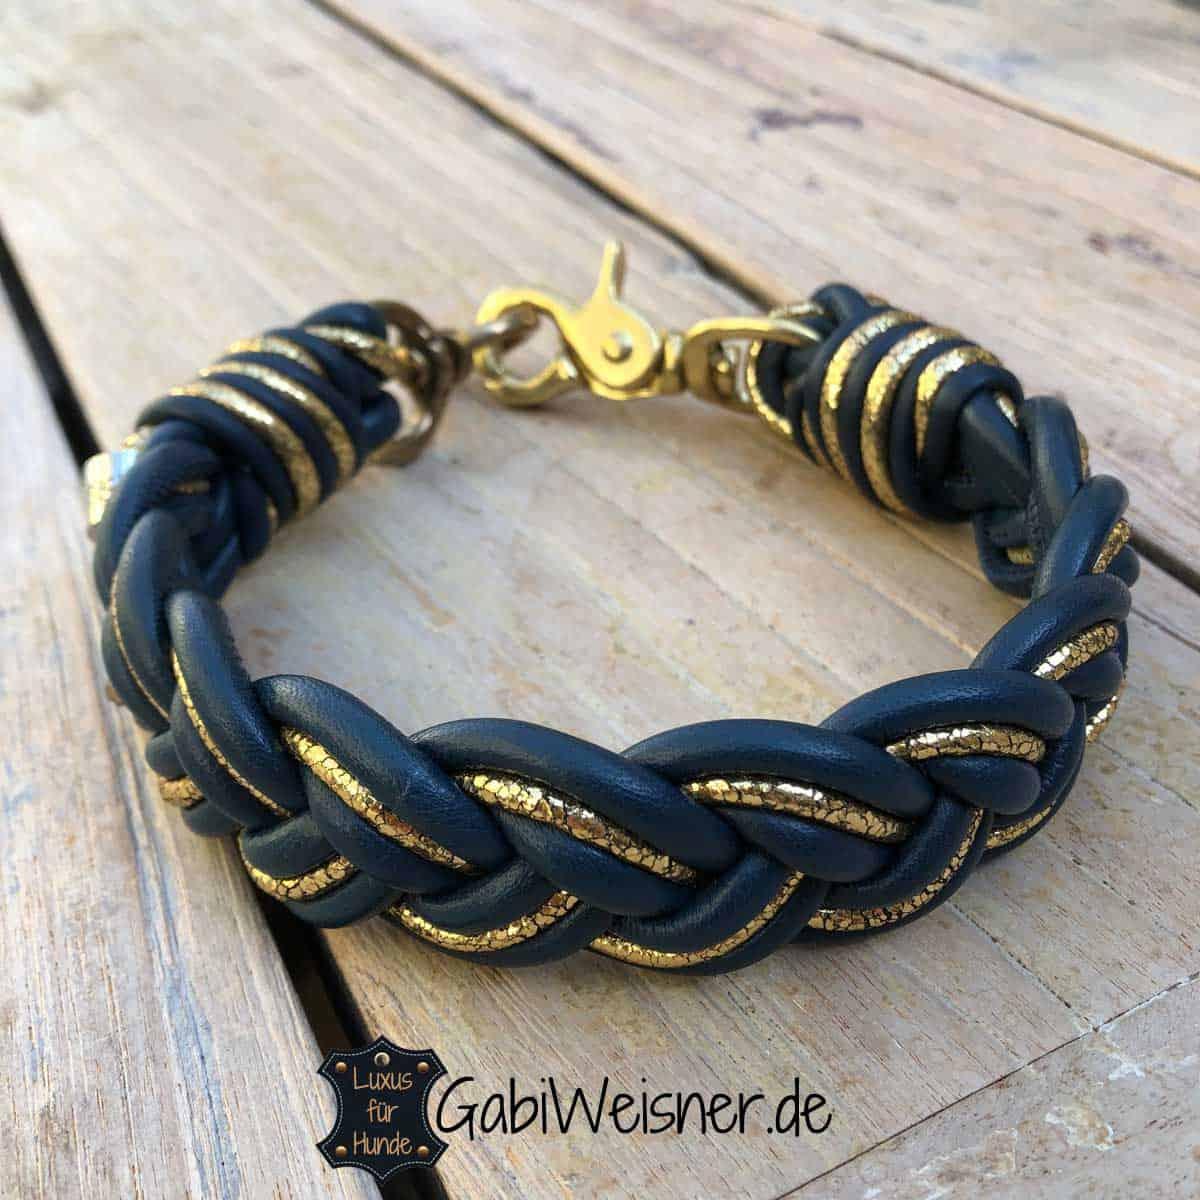 Hundehalsband geflochten 3 cm breit Leder Mix in Blau Gold